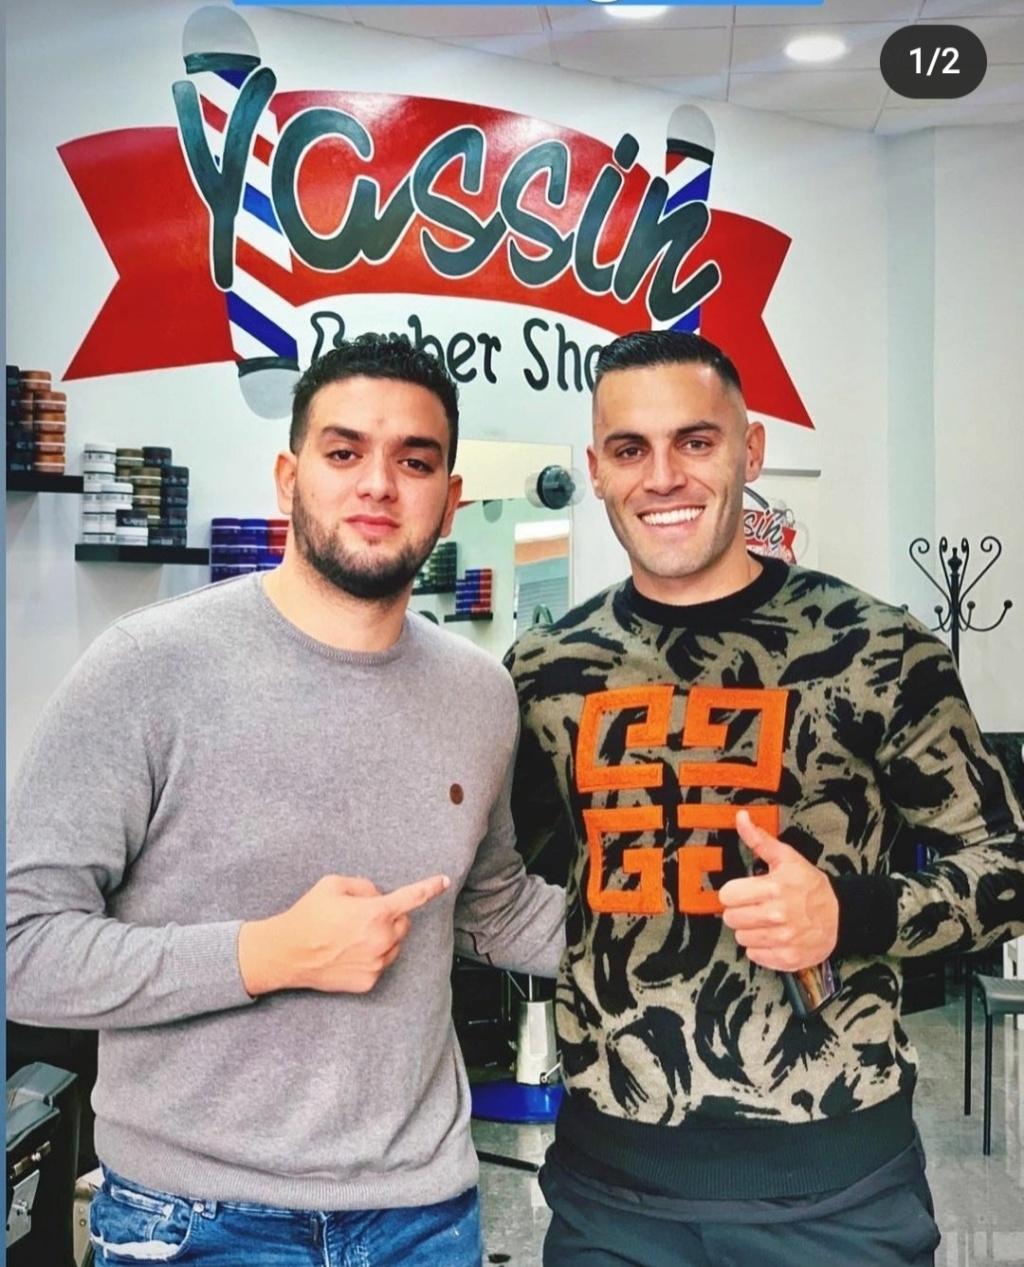 ¿Cuánto mide el peluquero Yassin Barbershop? - Altura Img_1505